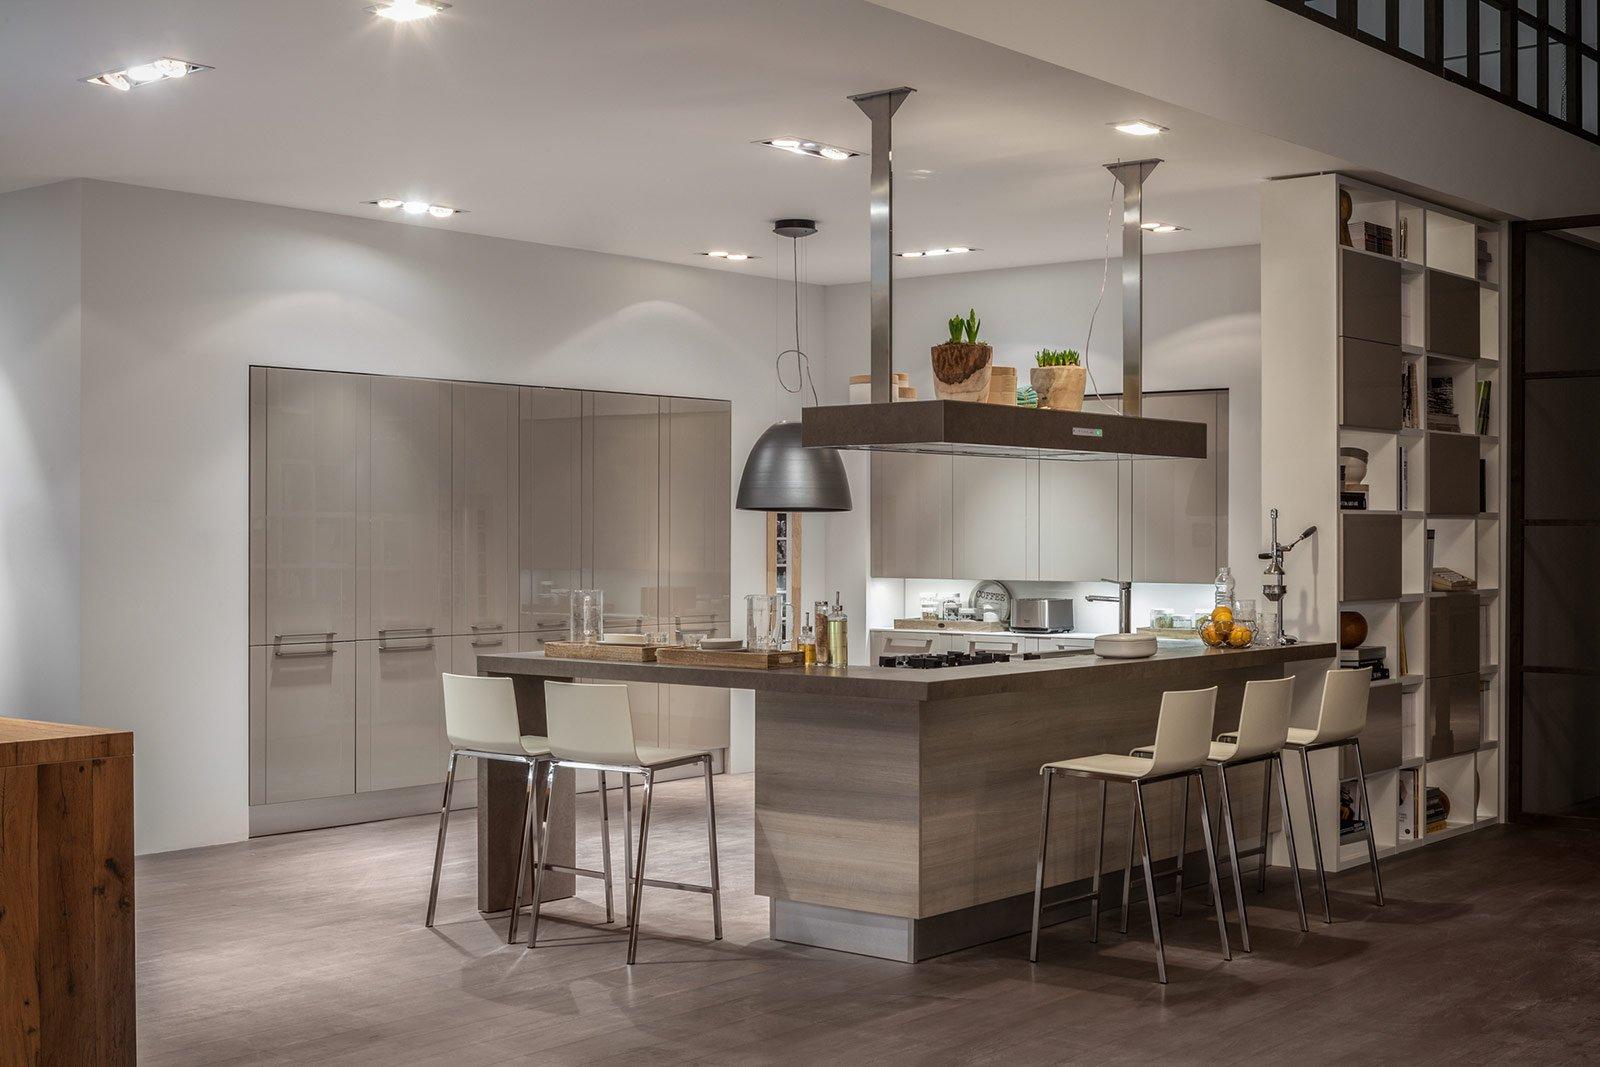 Open Space Cucina Soggiorno Con Gli Stessi Colori Di Arredo E Delle  #A87323 1600 1067 Come Arredare Cucina Soggiorno Open Space